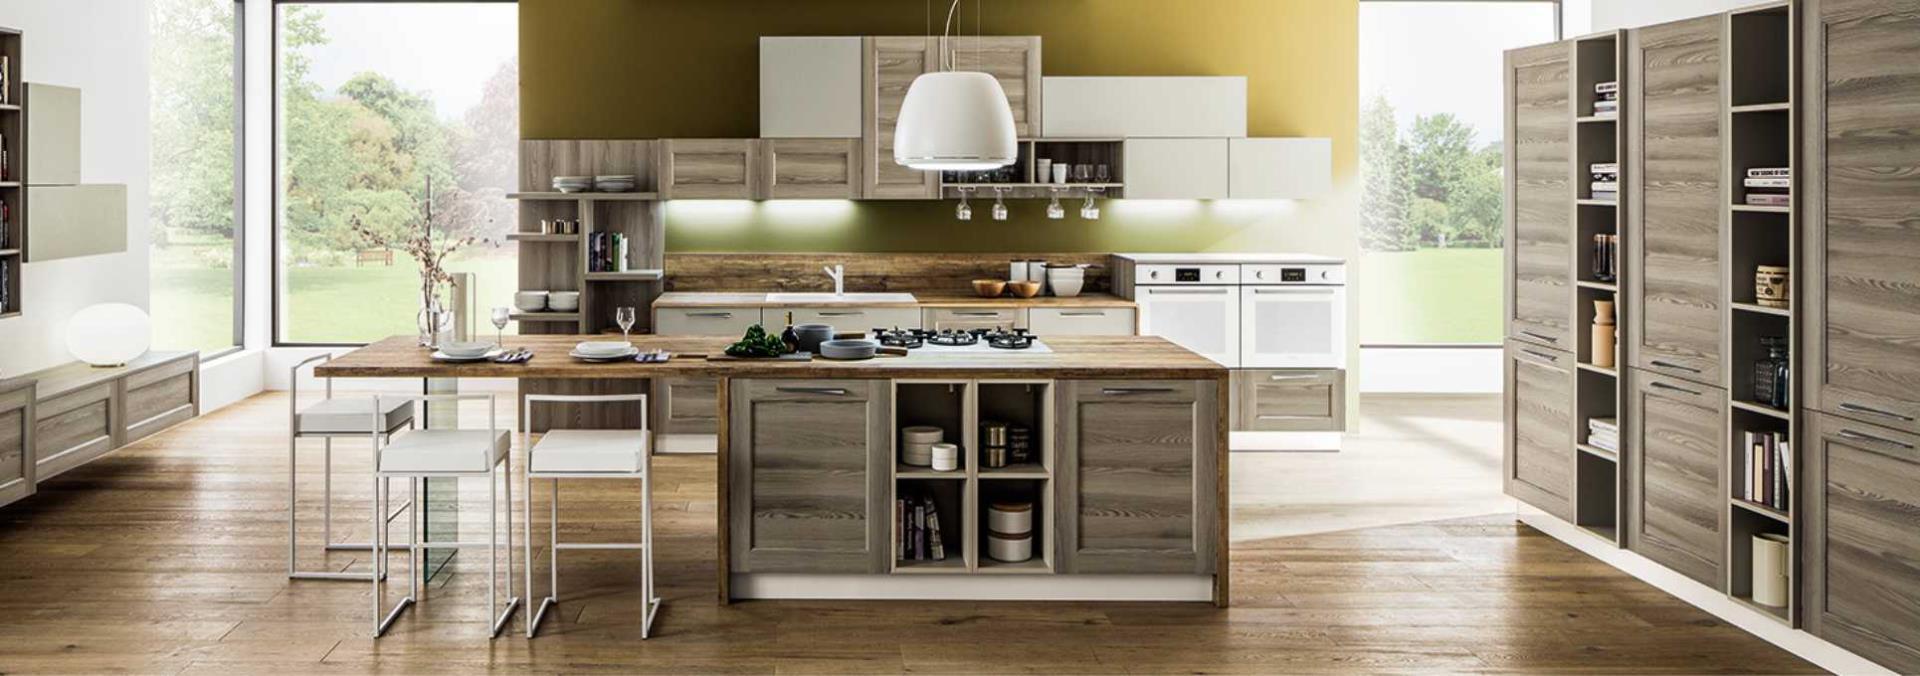 Centro Cucine  Andora Savona Imperia | progettazione e vendita Cucine Andora Savona Imperia | ARREDA PICCOLI